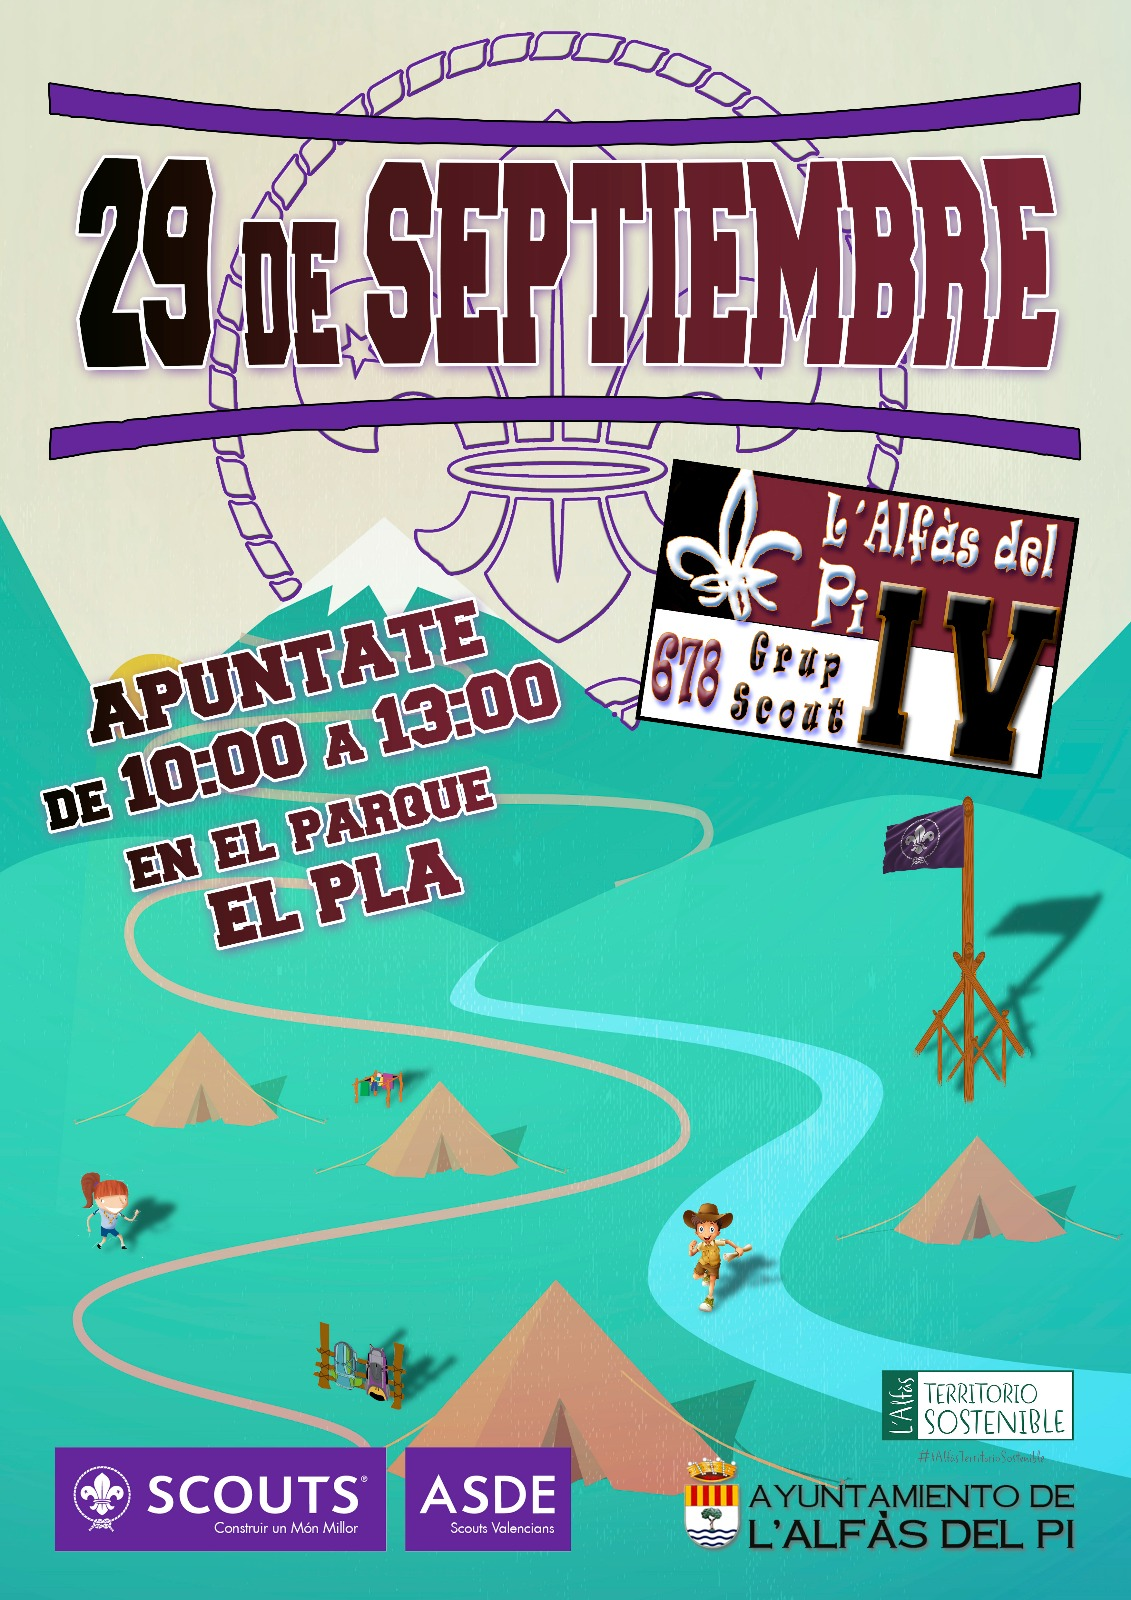 El IV Grupo Scout de l'Alfàs celebrará una jornada de juegos y actividades en el parque de El Pla